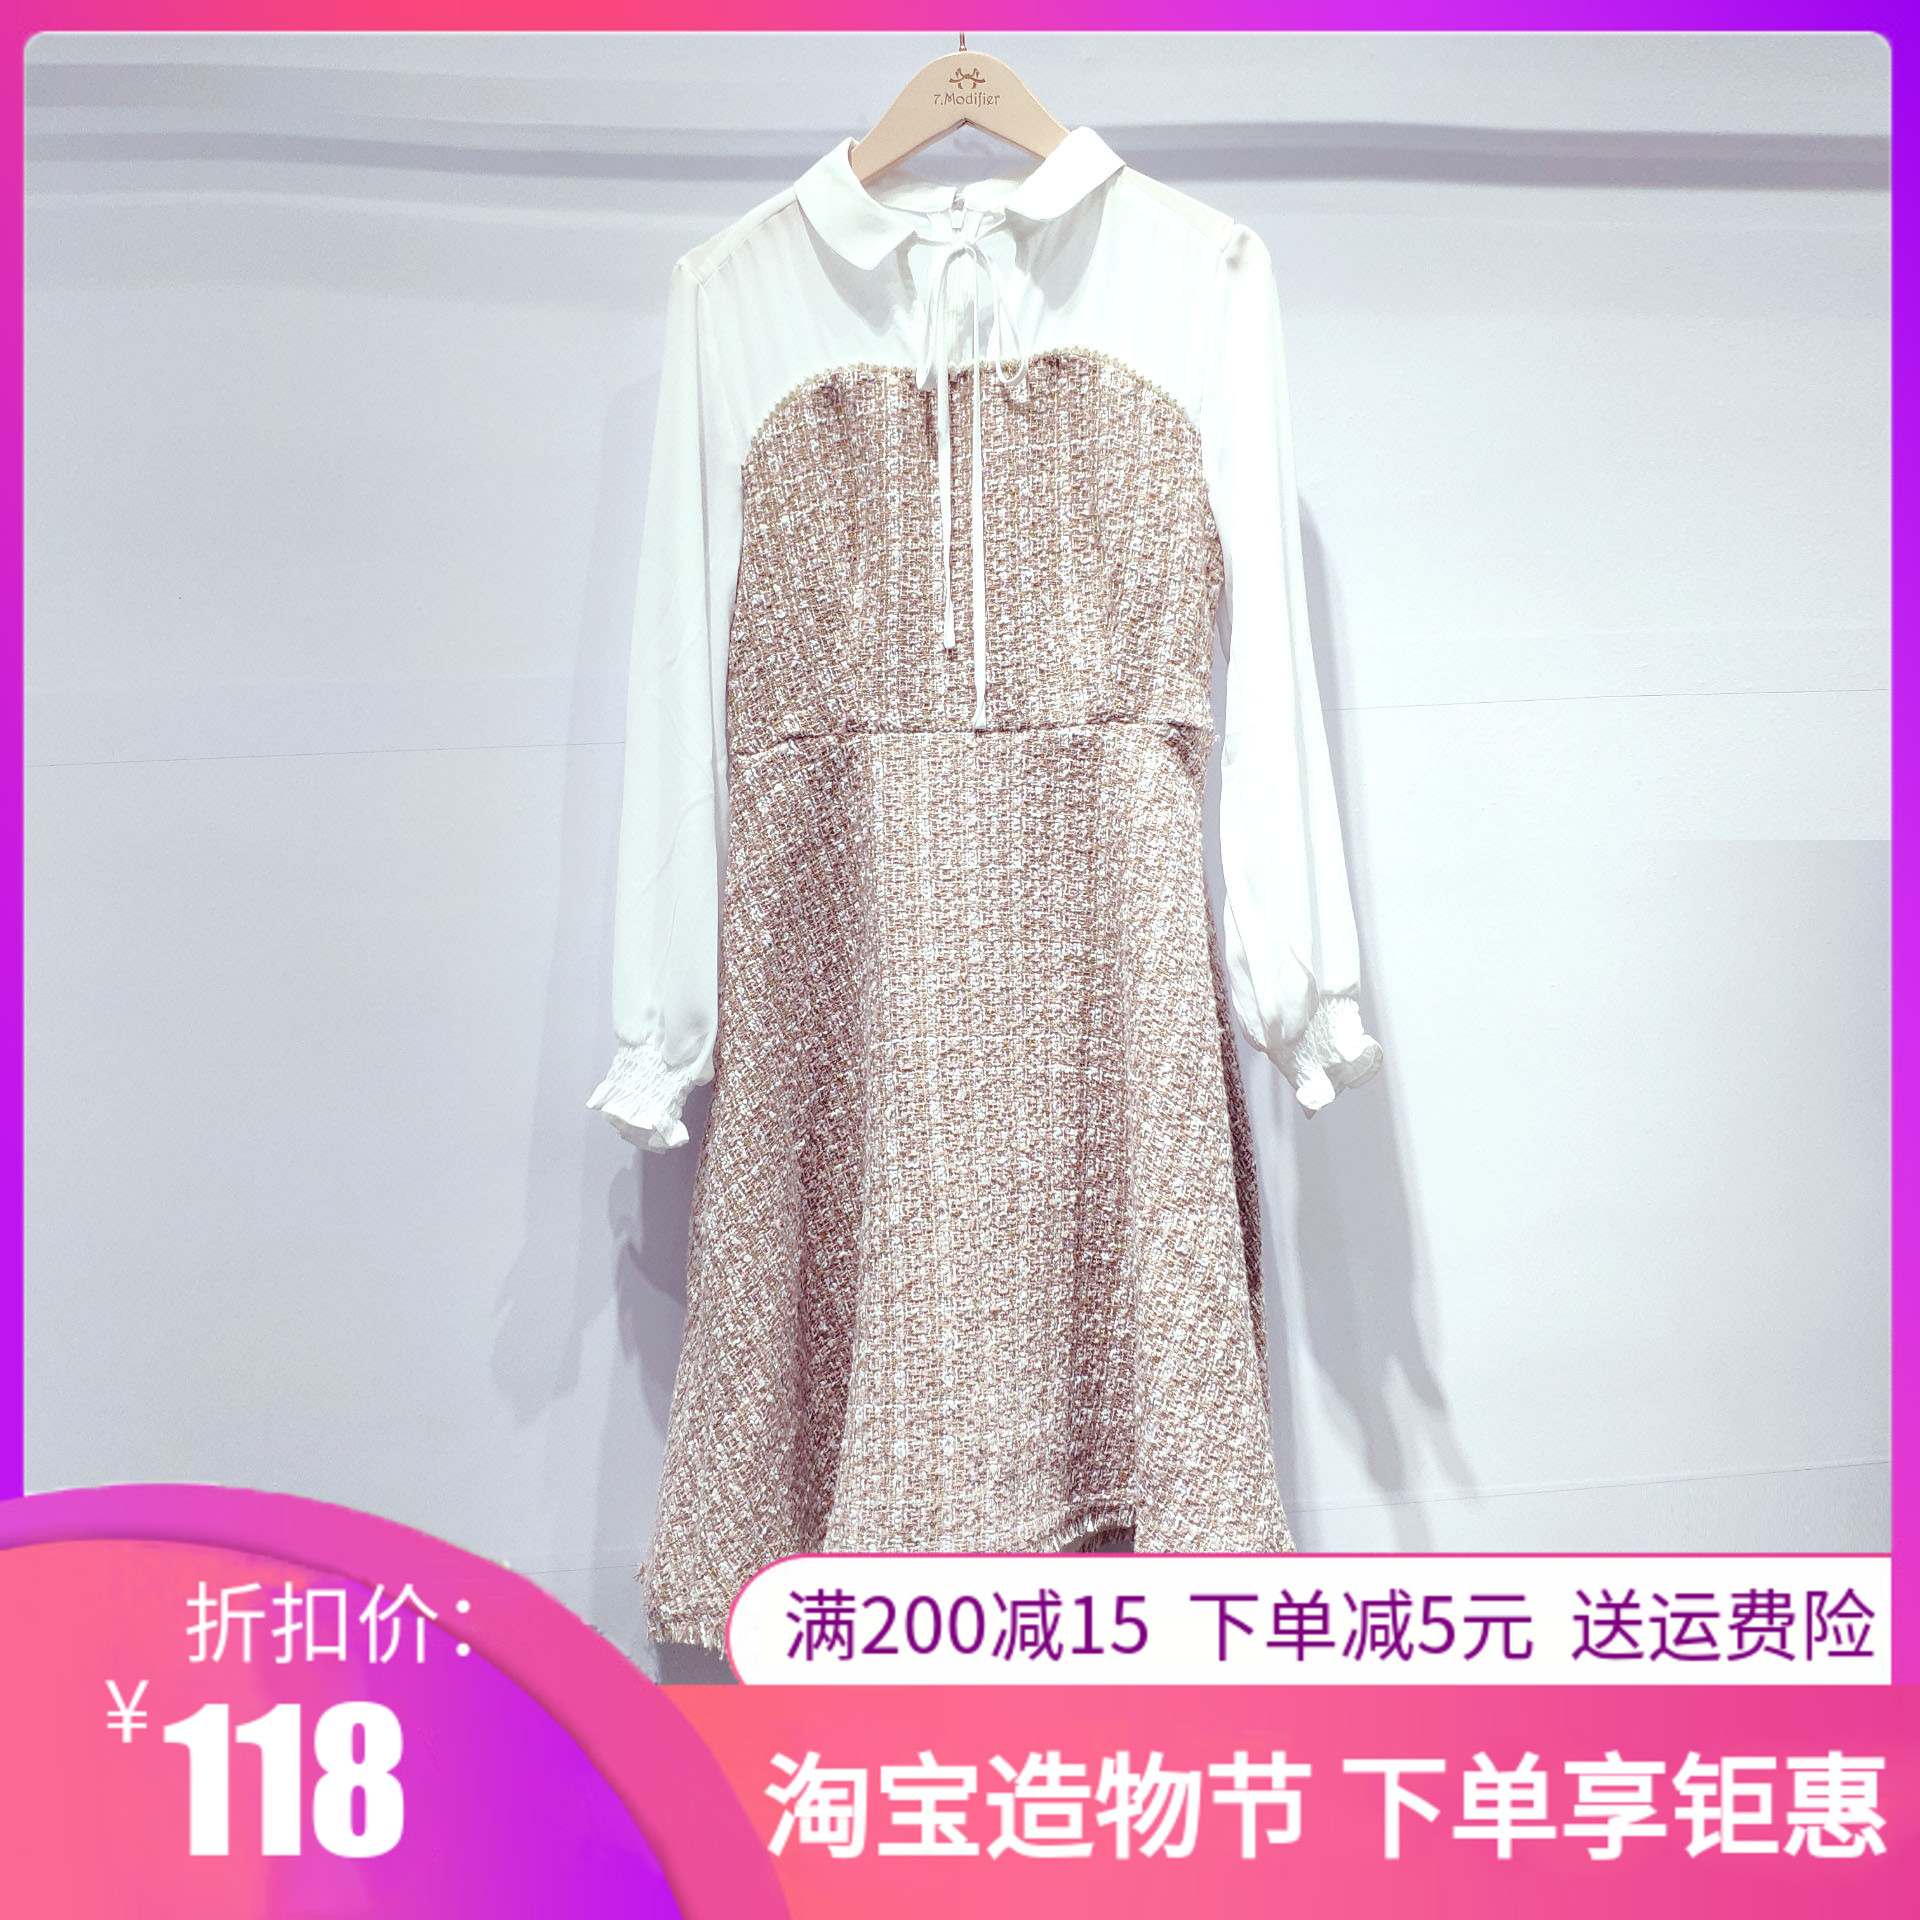 小香风连衣裙女装2019新款秋季长袖流行智熏裙法式桔梗裙60301126